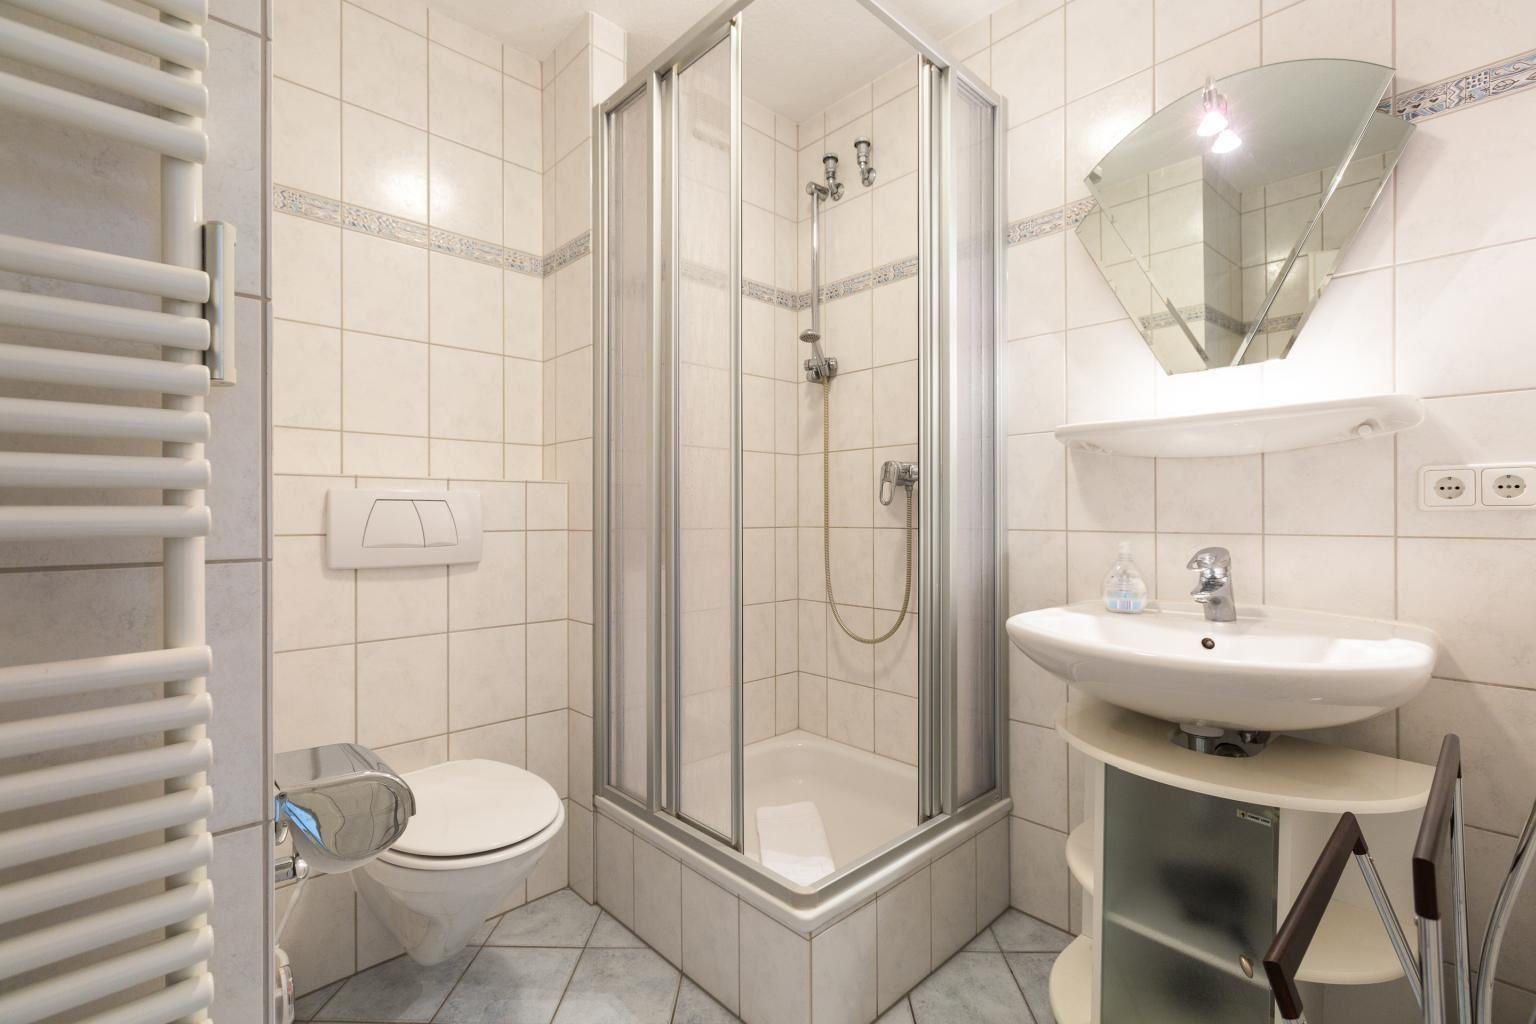 1. Badezimmer - St Peter Ording Bad, Haus Am Kurwald II, Wohnung 7